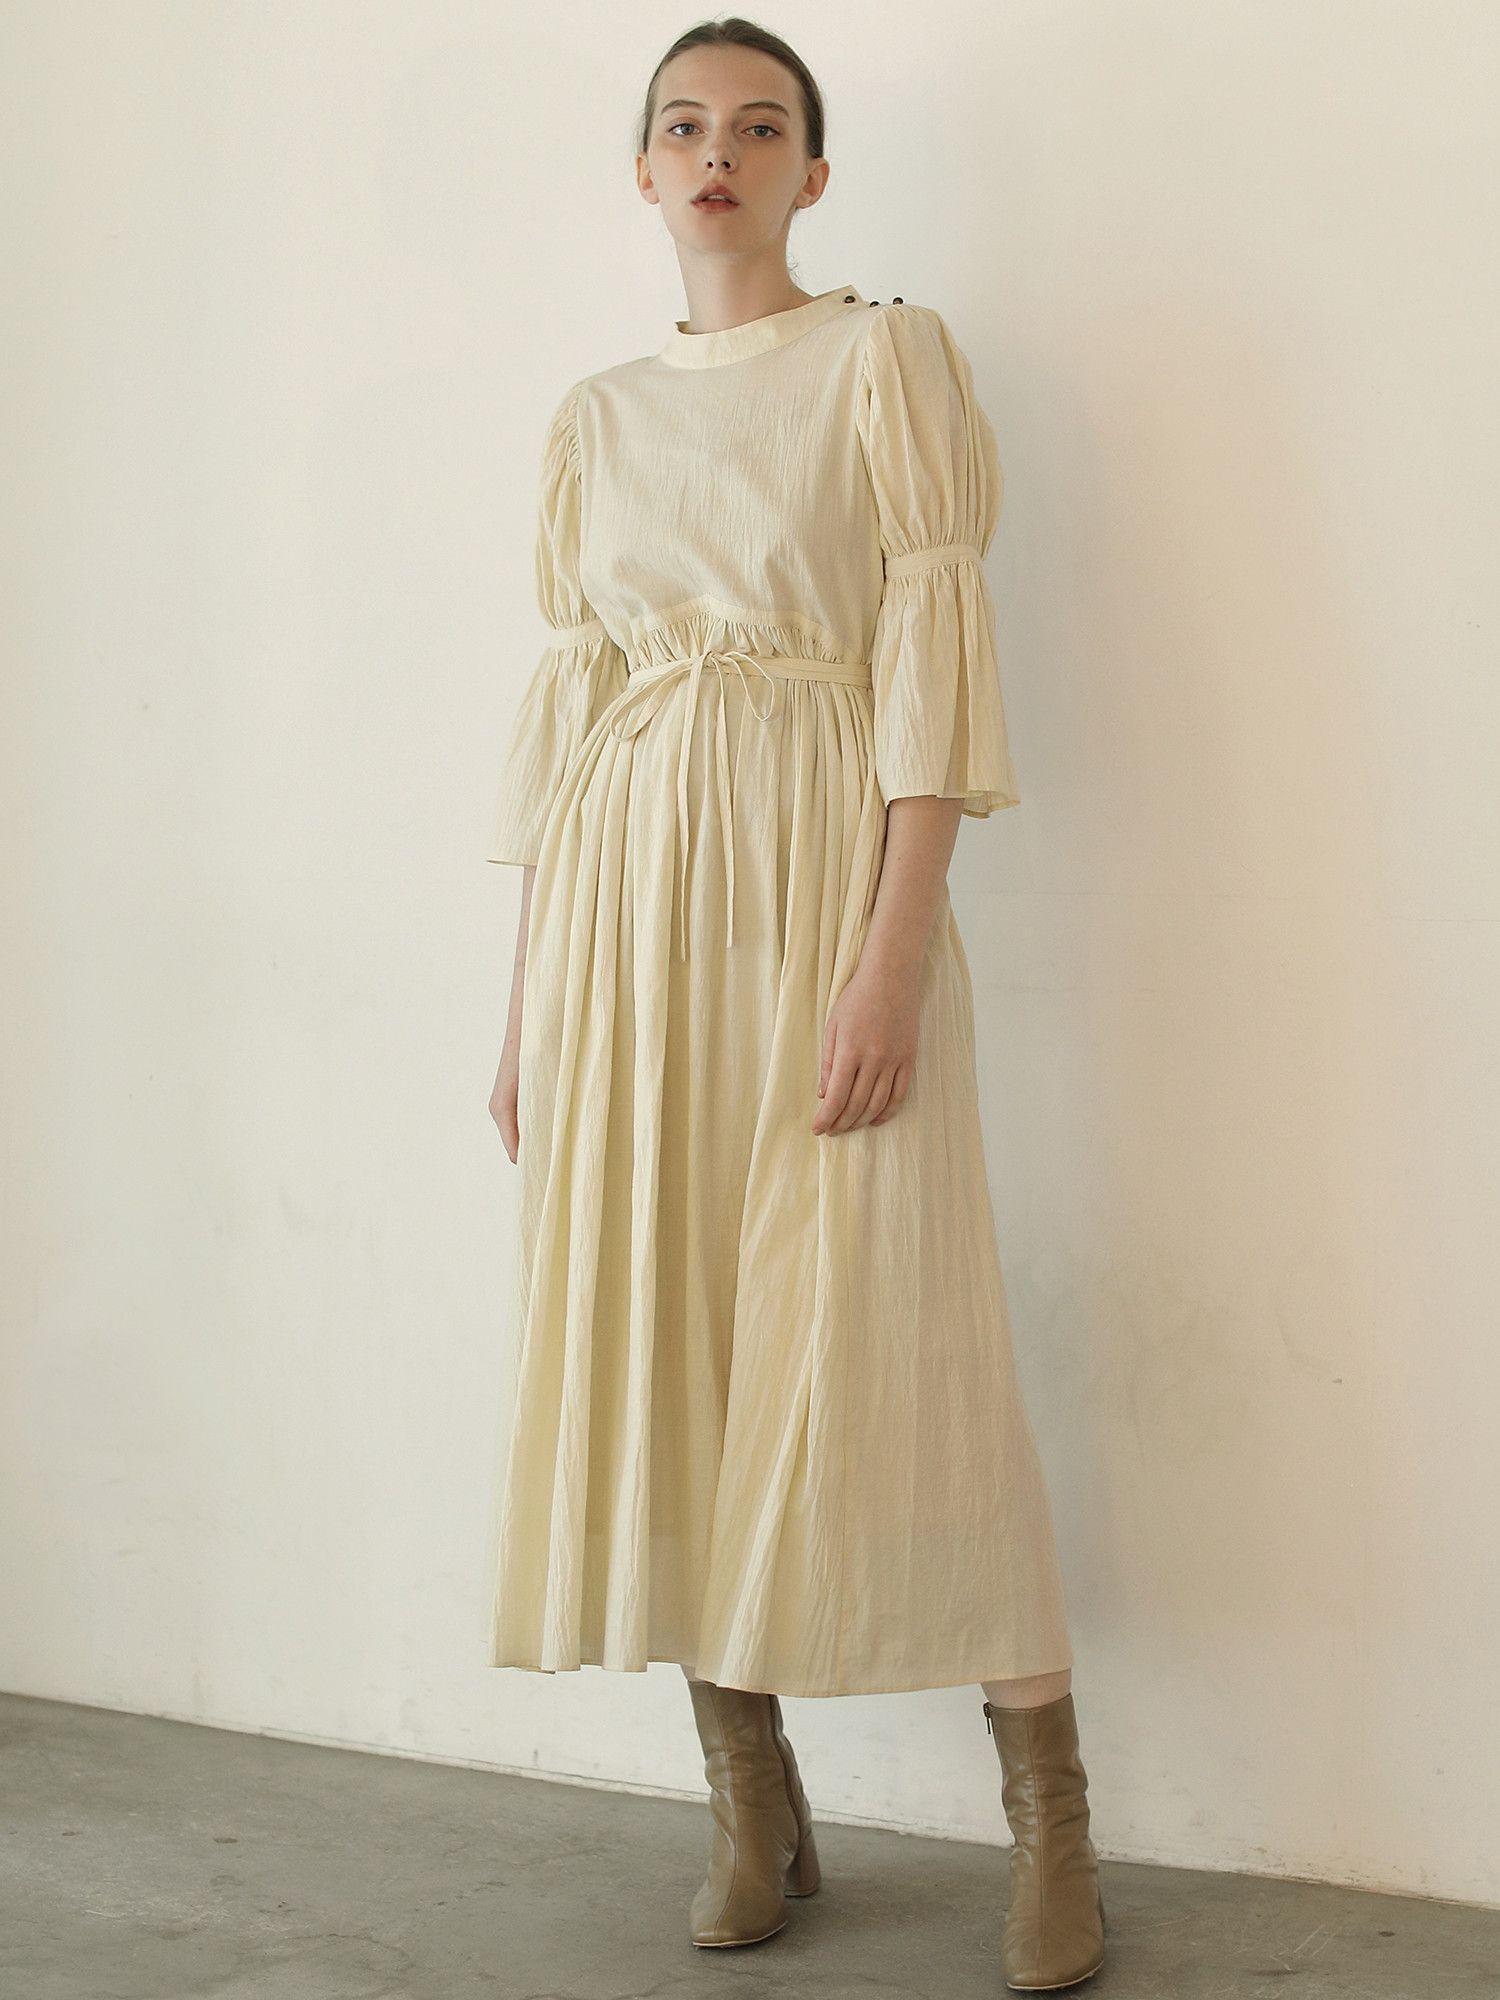 喇叭袖连衣裙少女